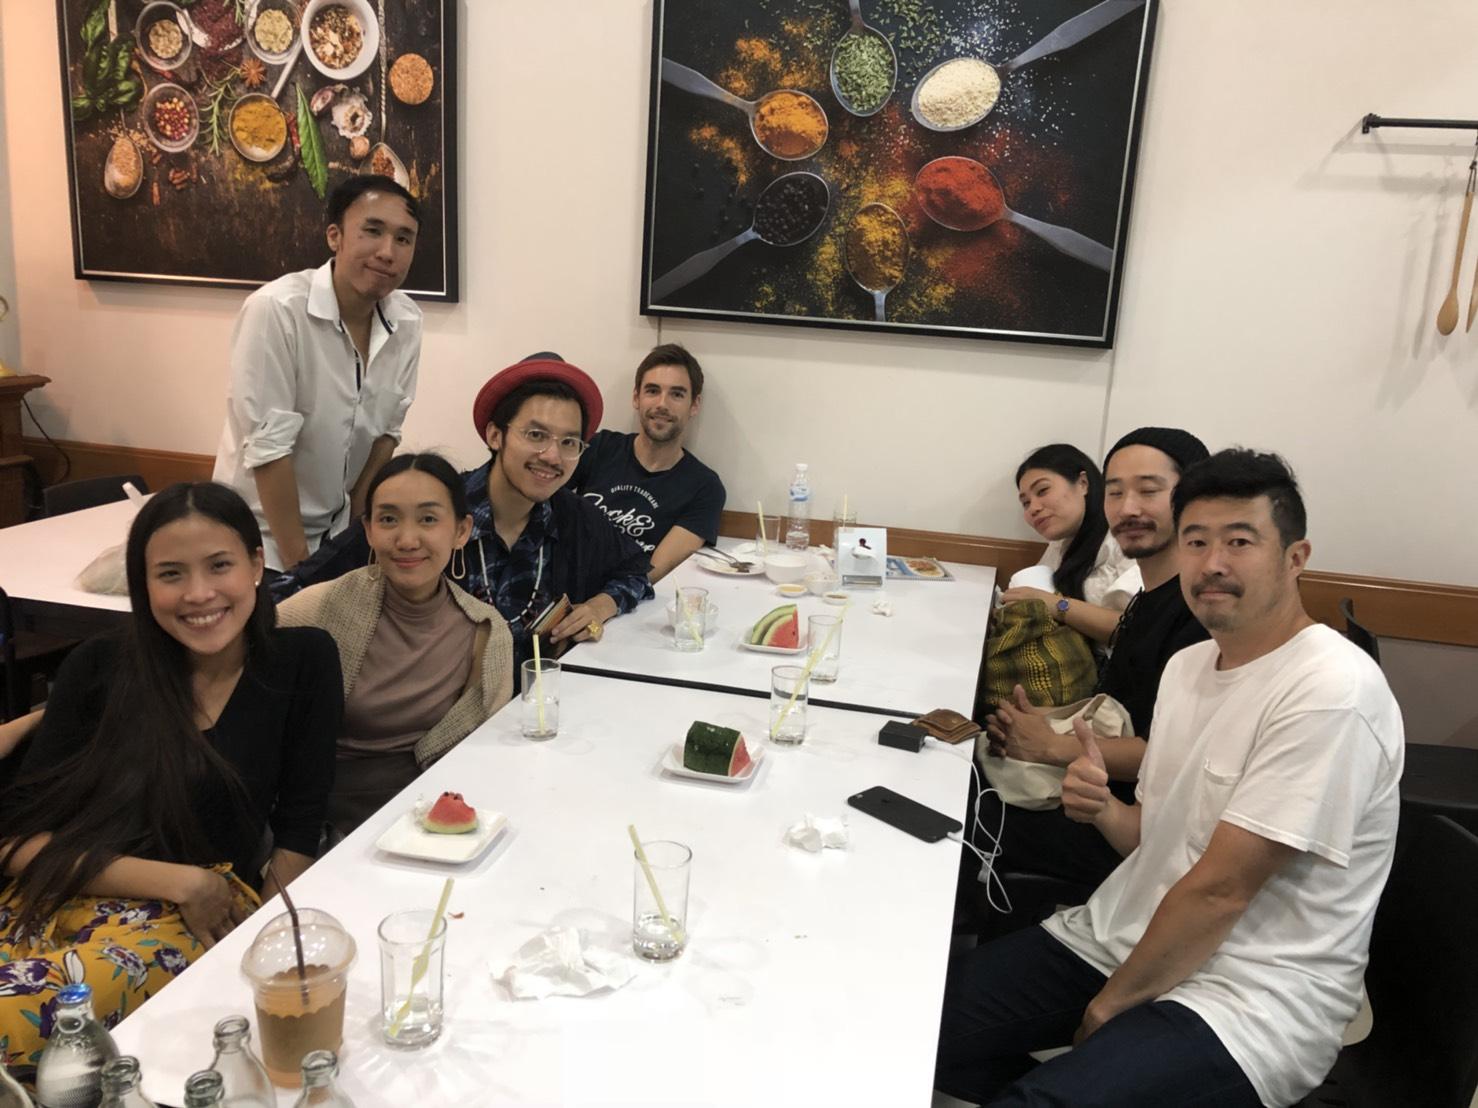 コーヒー ケータリング URBAN LOCAL LIVING 東京 タイ出張 タイコーヒー